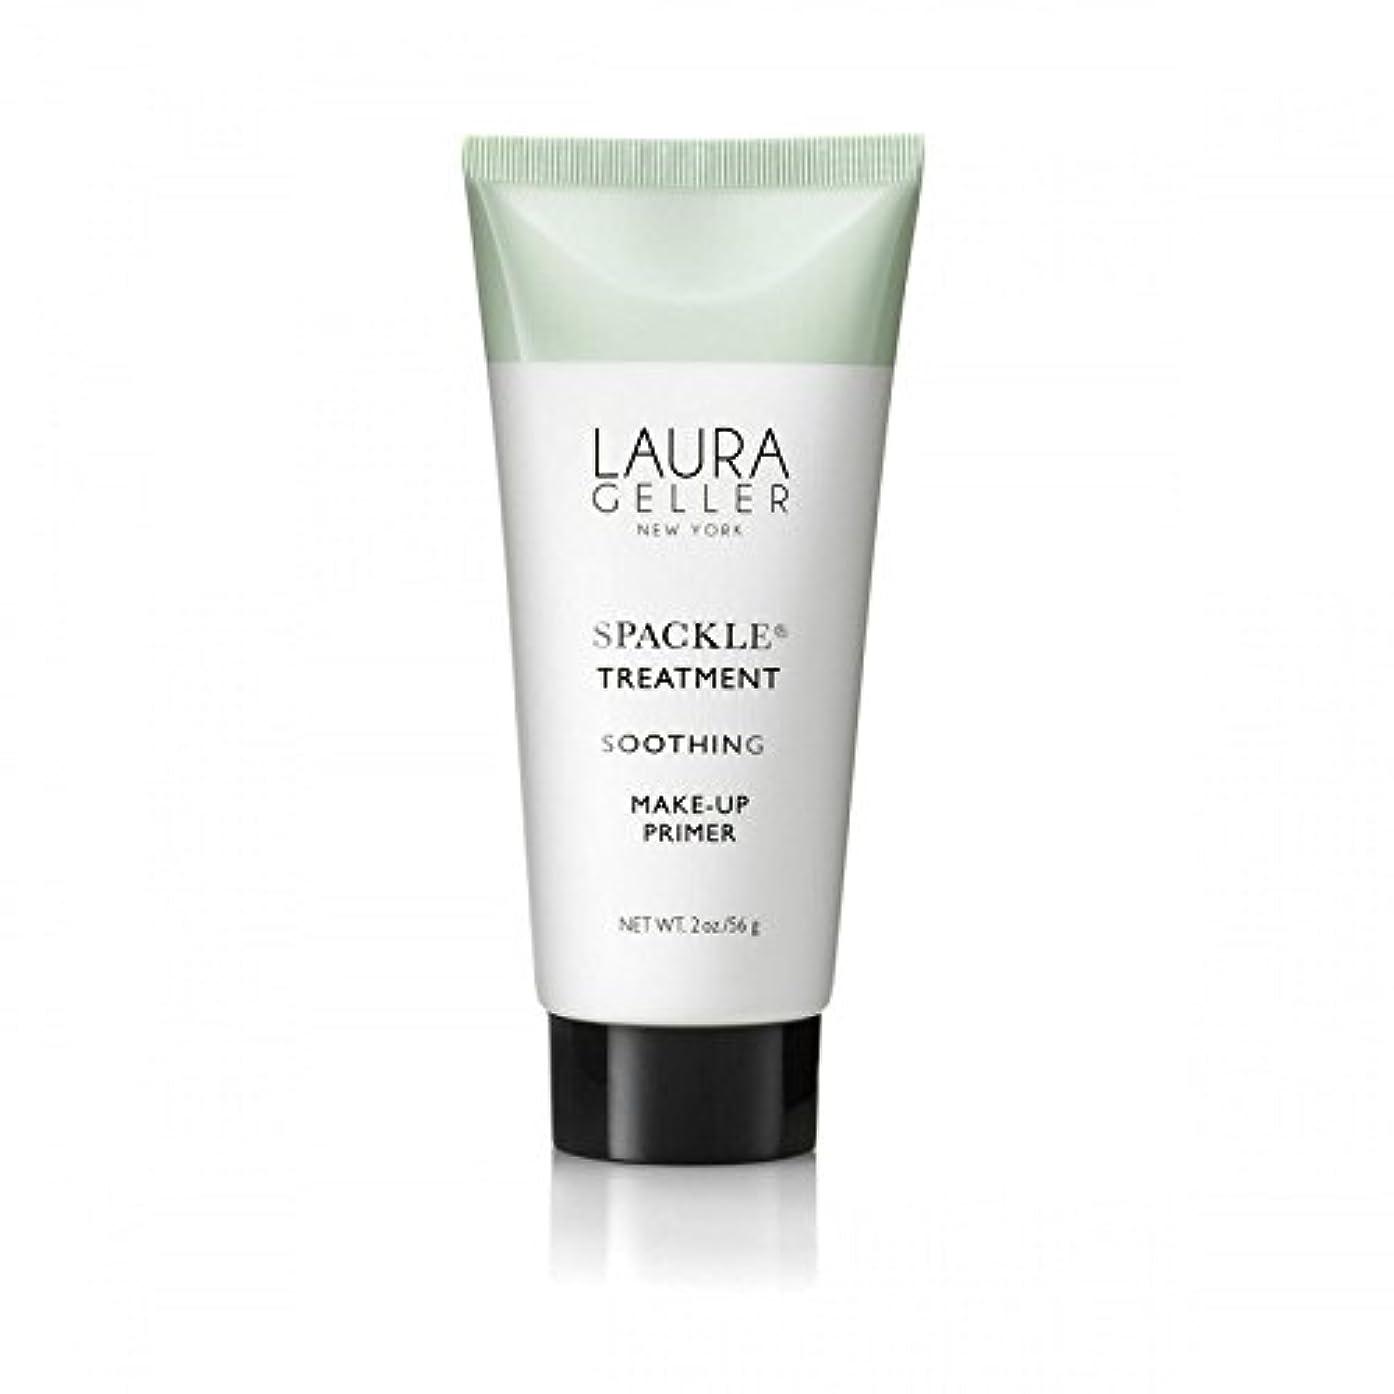 見ましたスズメバチ販売計画Laura Geller Spackle Treatment Under Make-Up Primer Soothing - メイクアッププライマー癒しの下のローラ?ゲラー 処理 [並行輸入品]